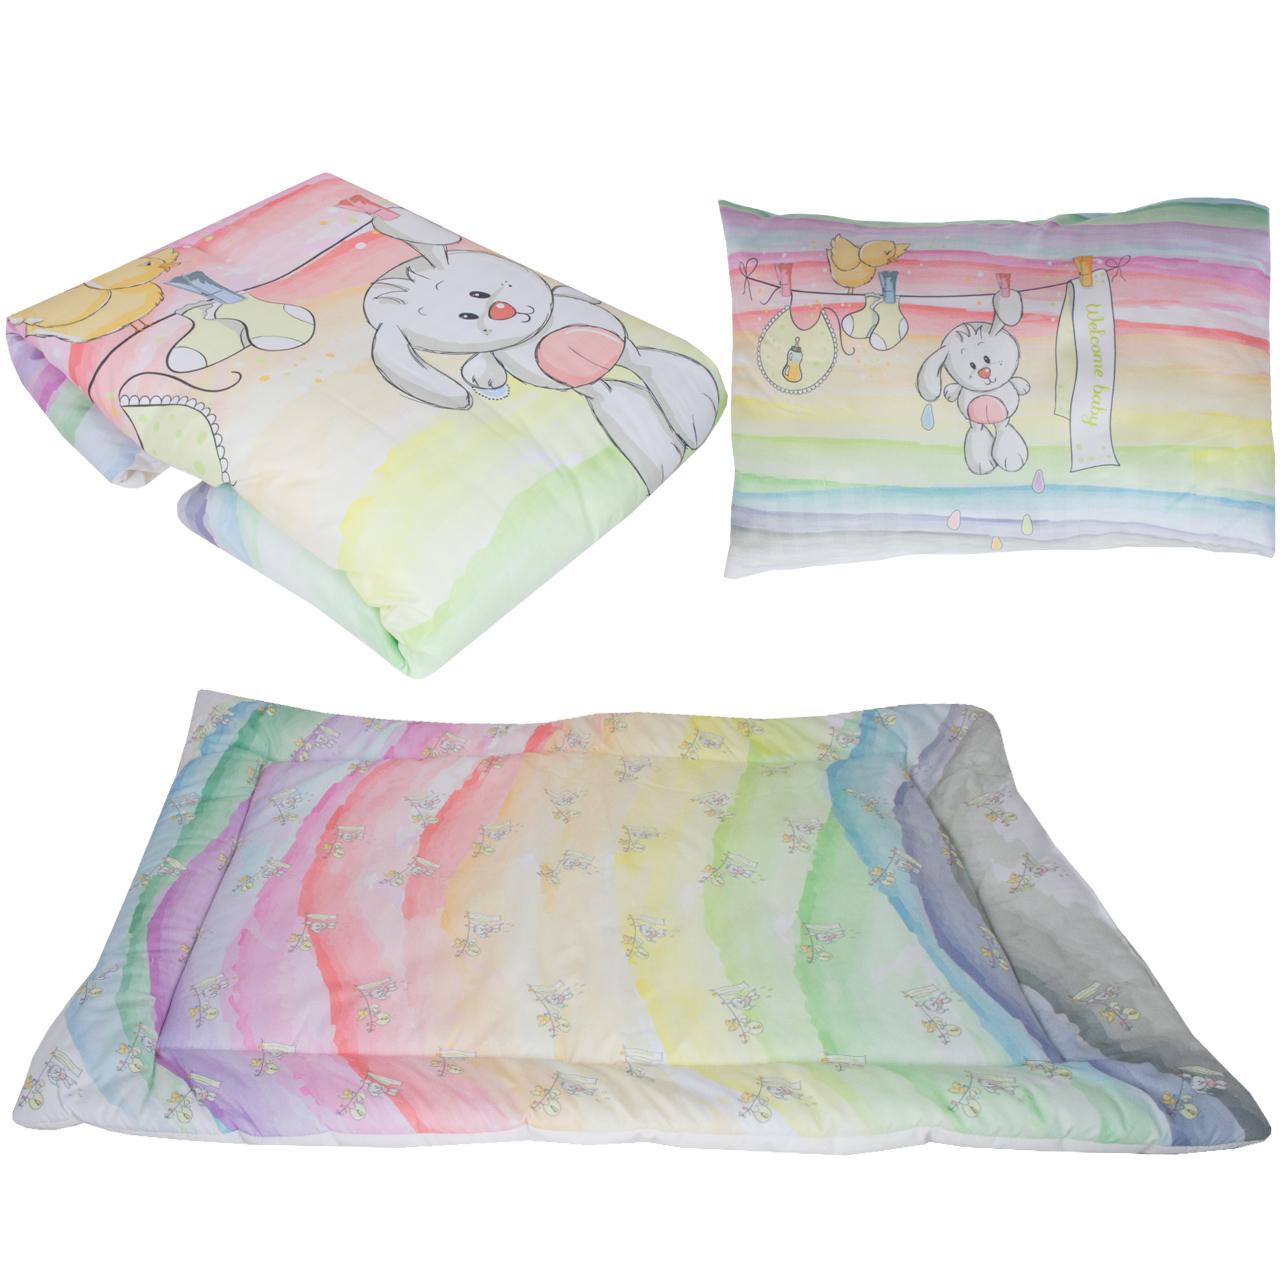 سرویس خواب 3 تکه کودک طرح خرگوش کد 1047